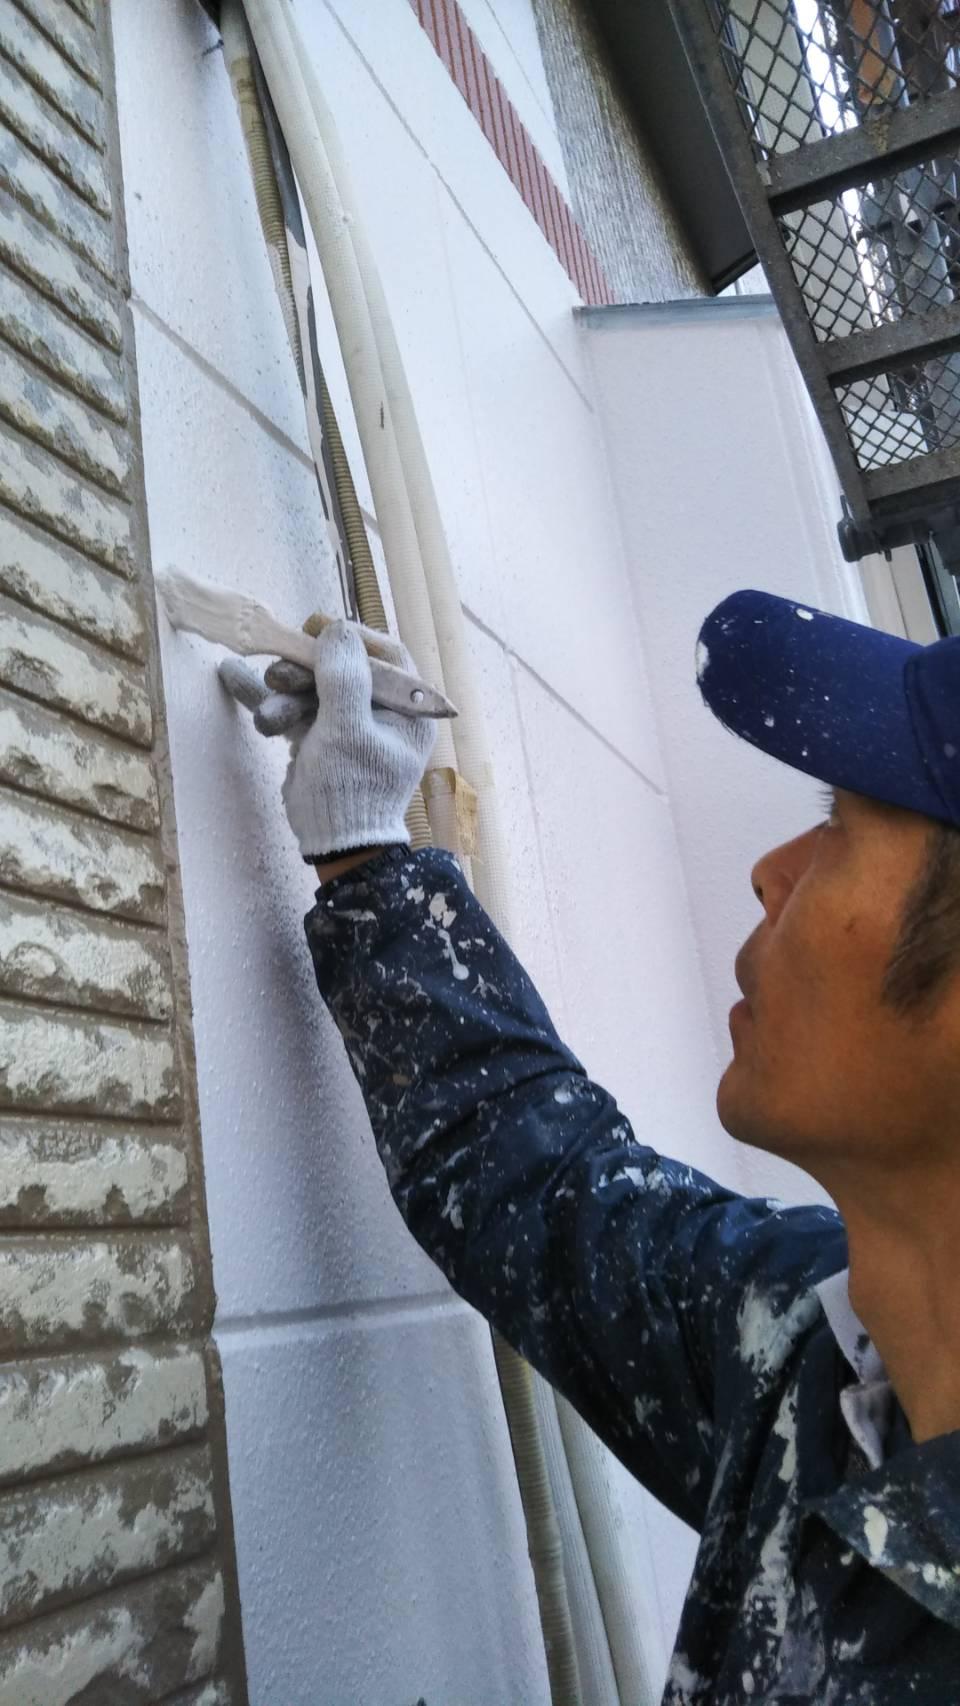 茨木・高槻の外壁塗装・防水工事YJリフォーム高槻本店仕上げのライン取り@茨木市上泉町